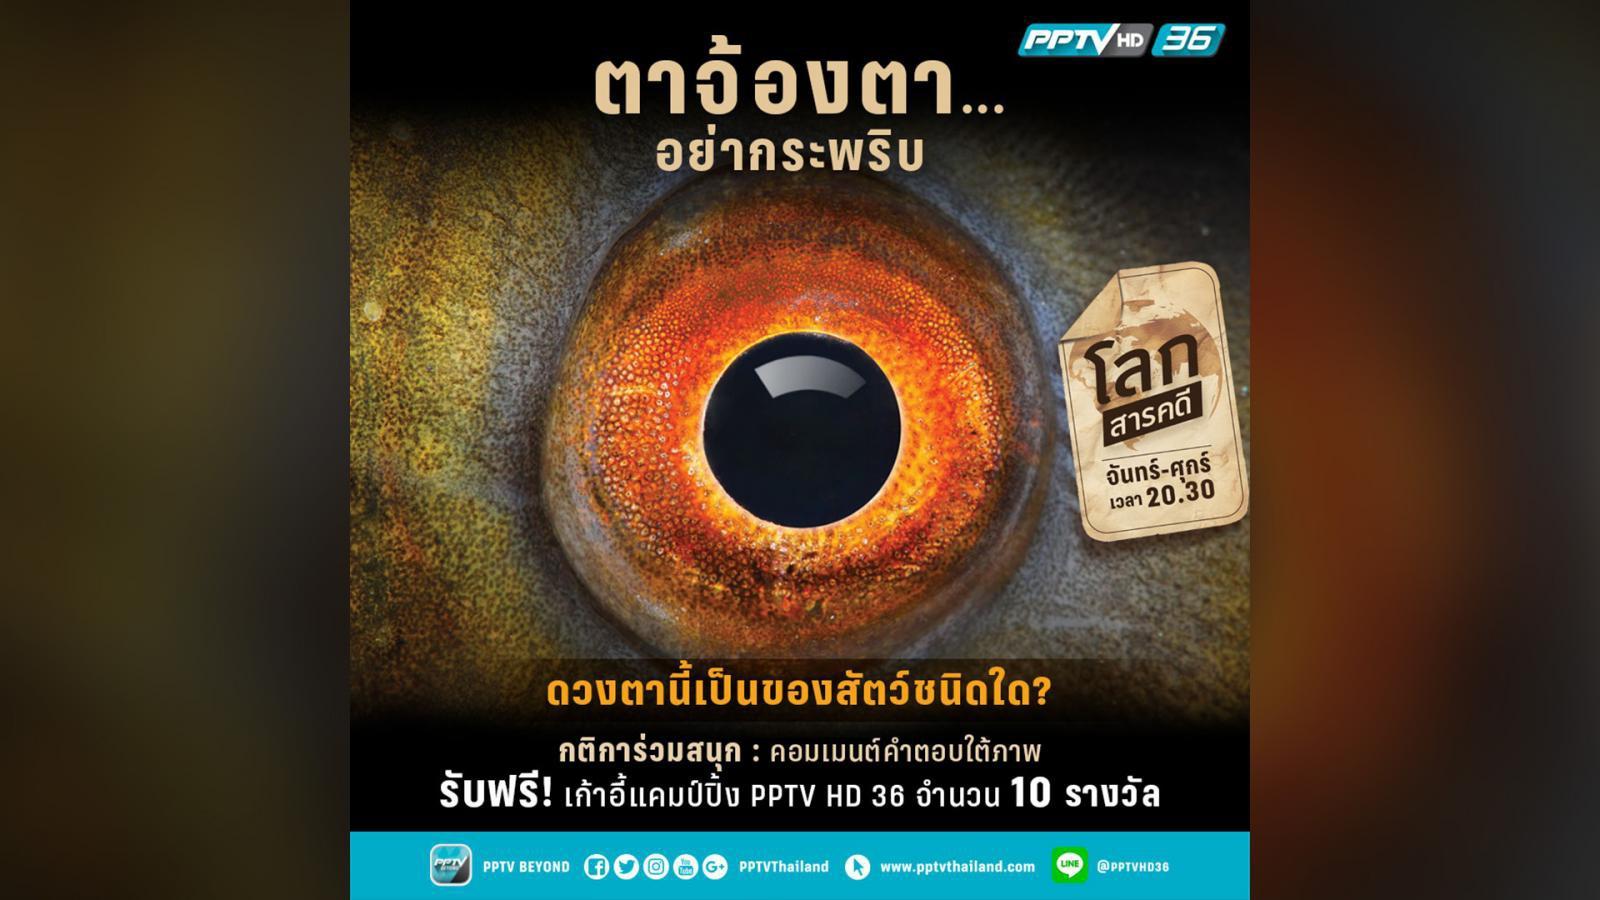 """เฉลยแล้ว !! ดวงตากลม นัยน์ตาสีแดงส้ม คือ """"ปลาเทนซ์"""""""